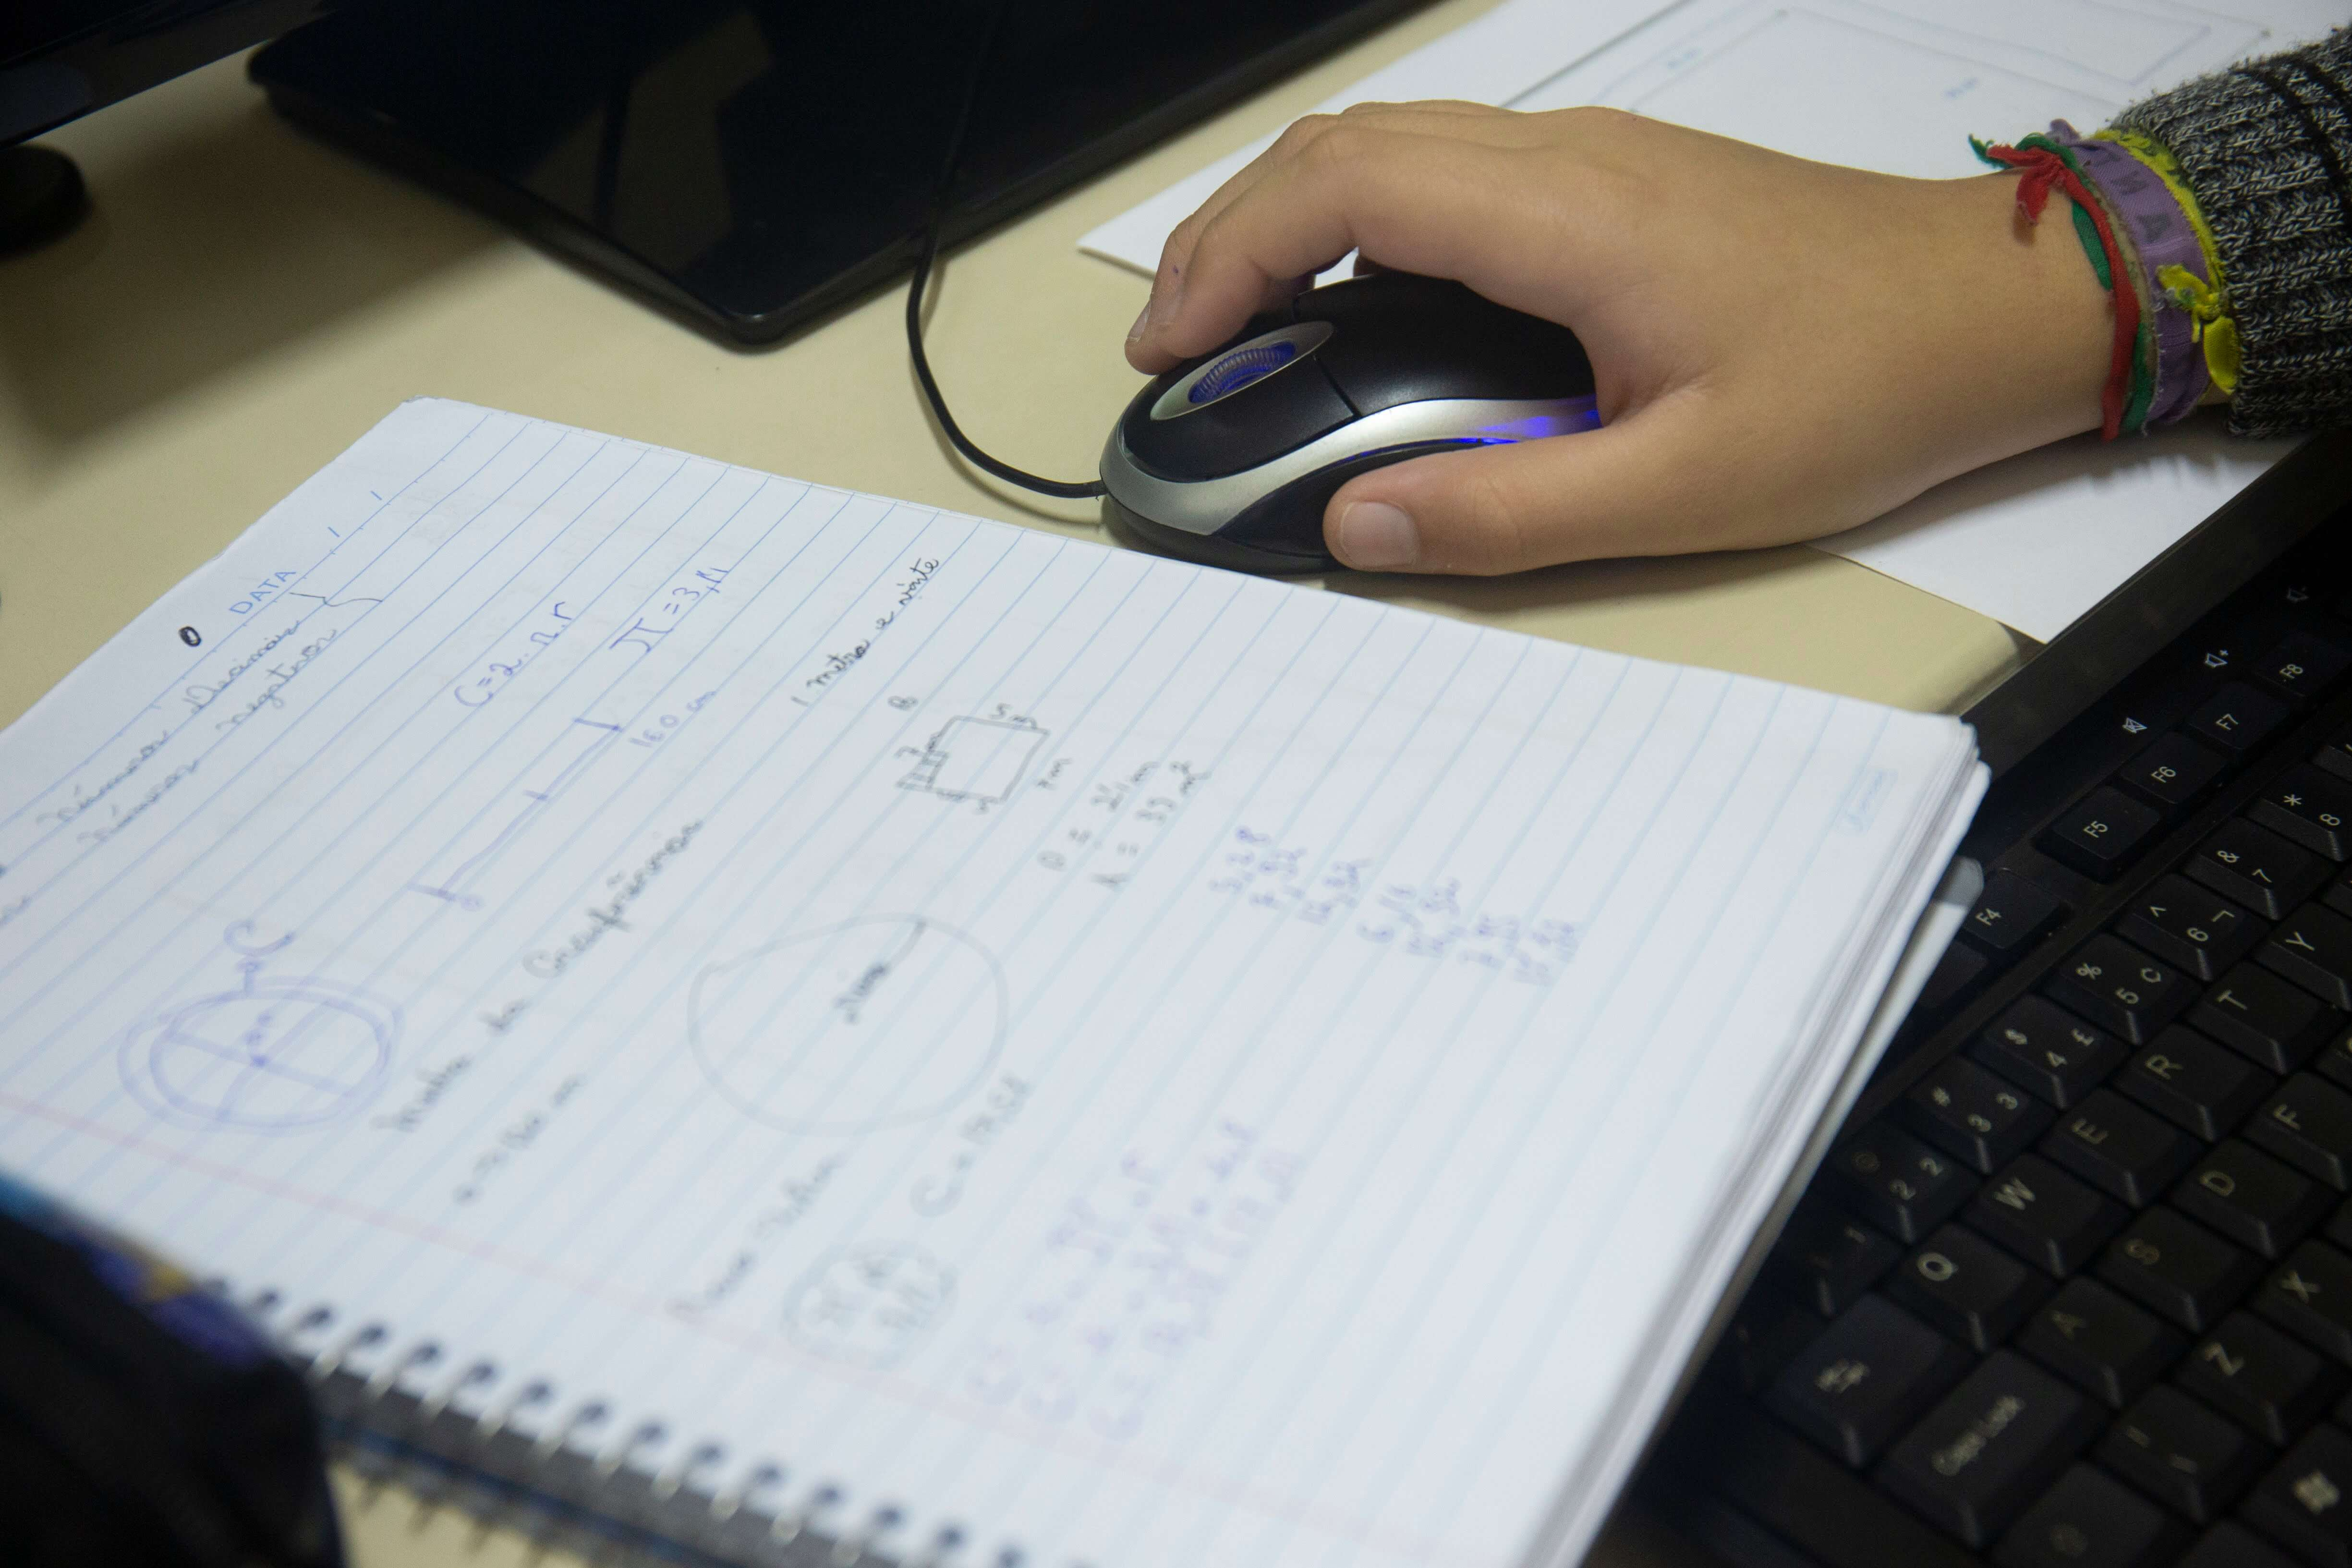 Somente 3% das escolas têm internet em padrão internacional